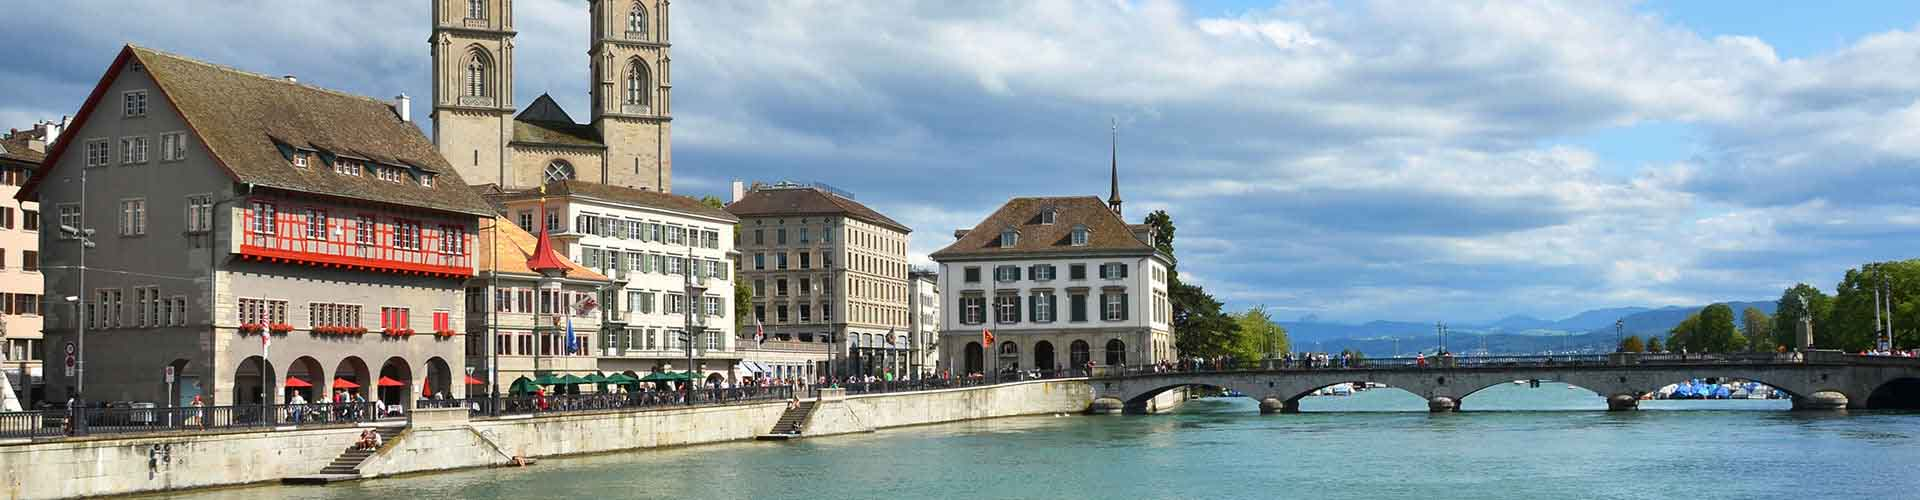 Zurich - Albergues Juveniles en Zurich. Mapas de Zurich, Fotos y Comentarios para cada Albergue Juvenil en Zurich.